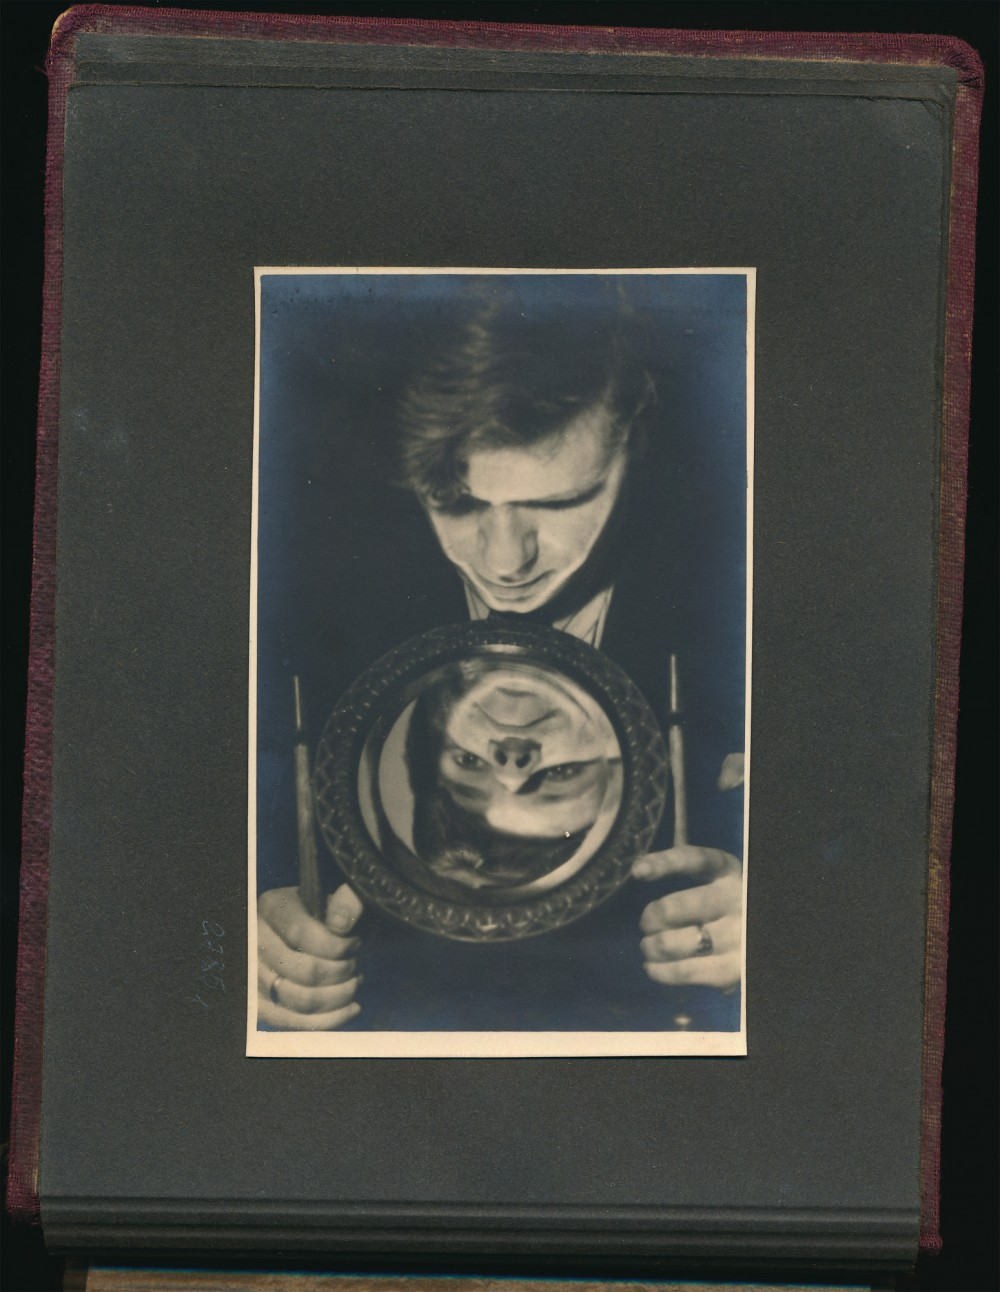 Įsimylėjęs poetas. J. V. Skuodžio fotografija iš dovanoto albumo. 1941 m.